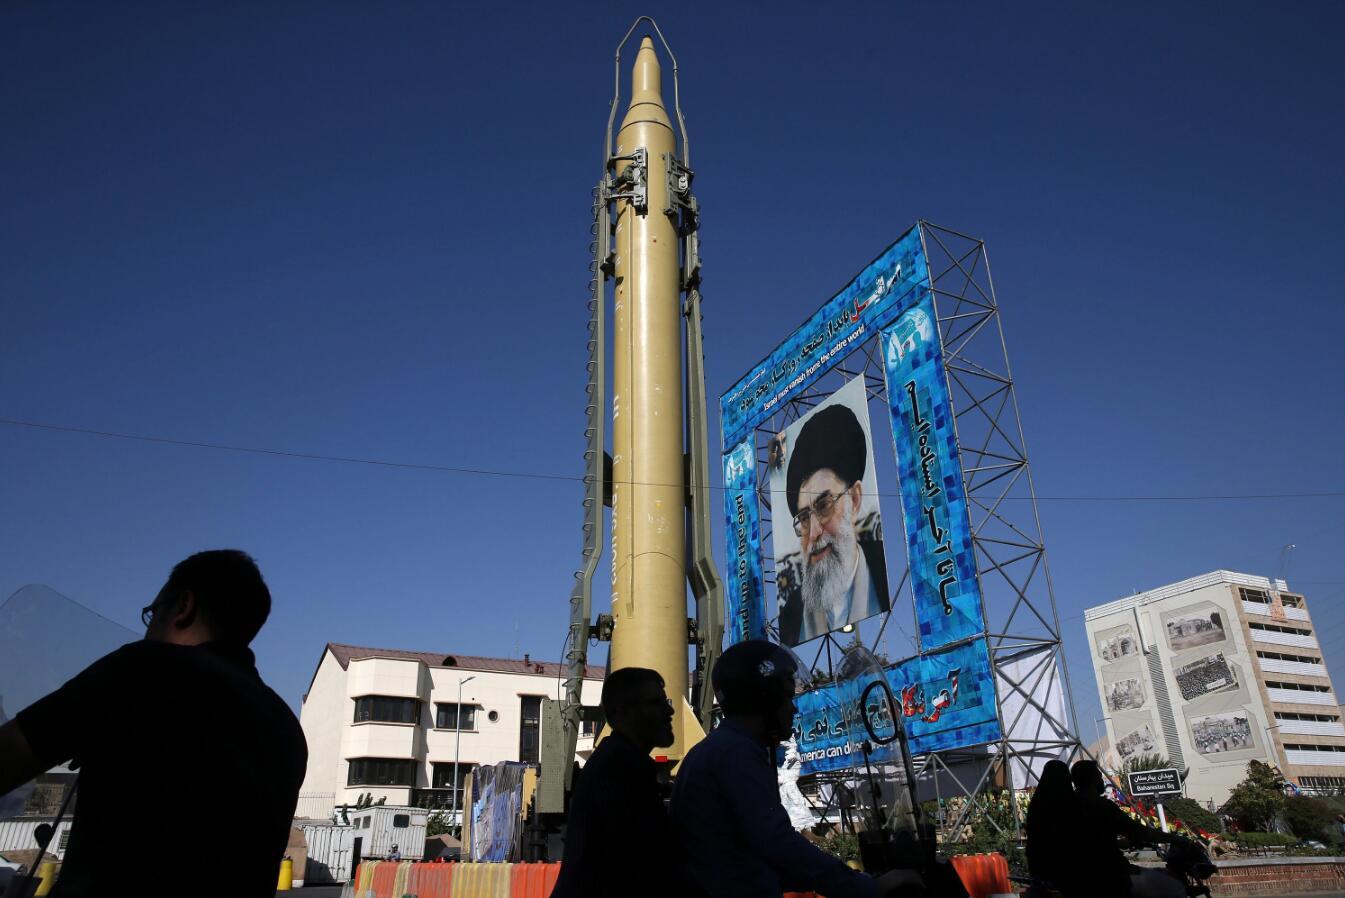 美国扩大对伊朗制裁 一家中企被列入制裁名单(图)